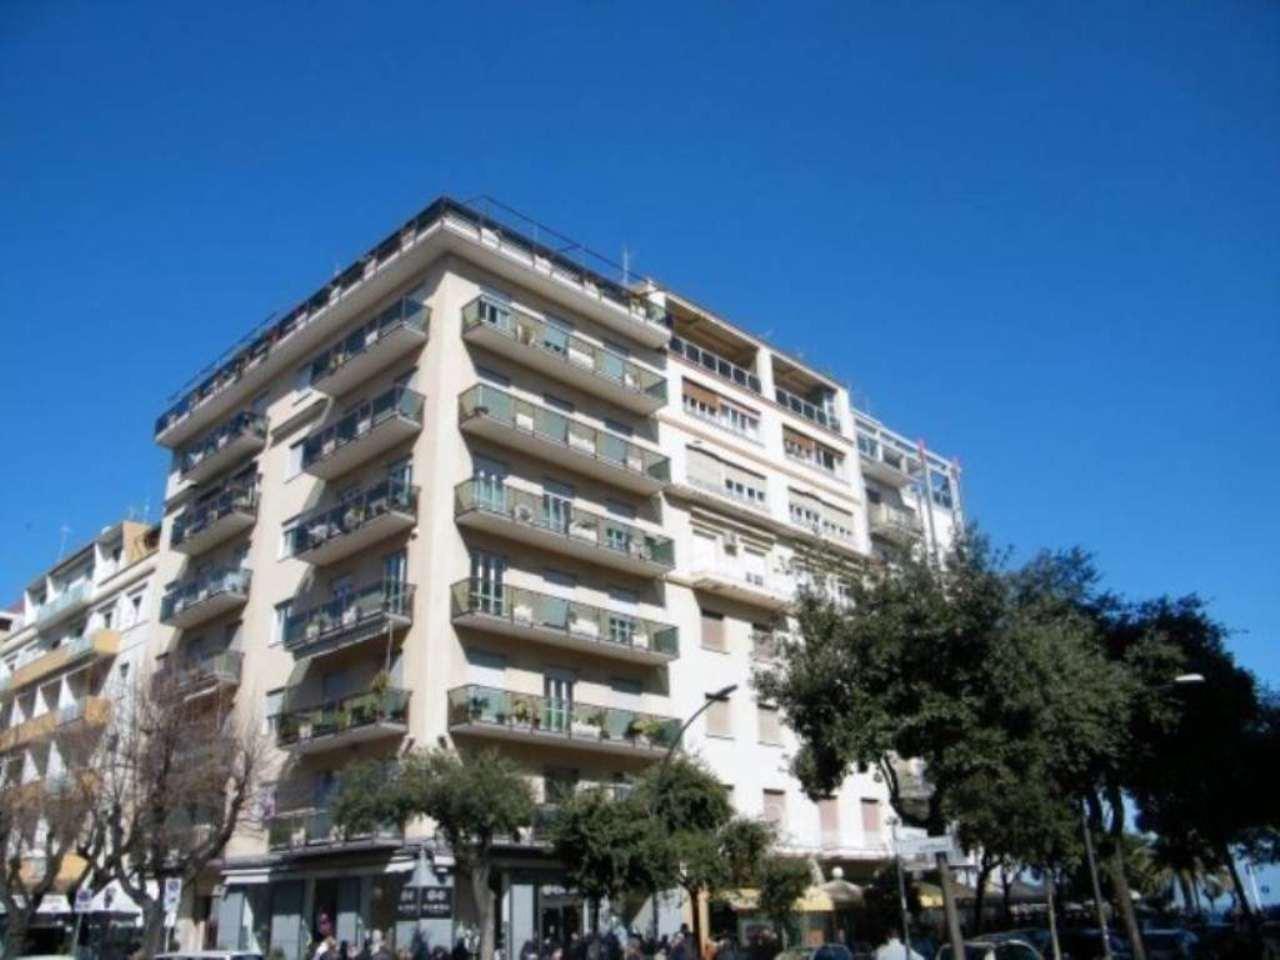 Attico / Mansarda in vendita a Pescara, 5 locali, Trattative riservate   Cambio Casa.it